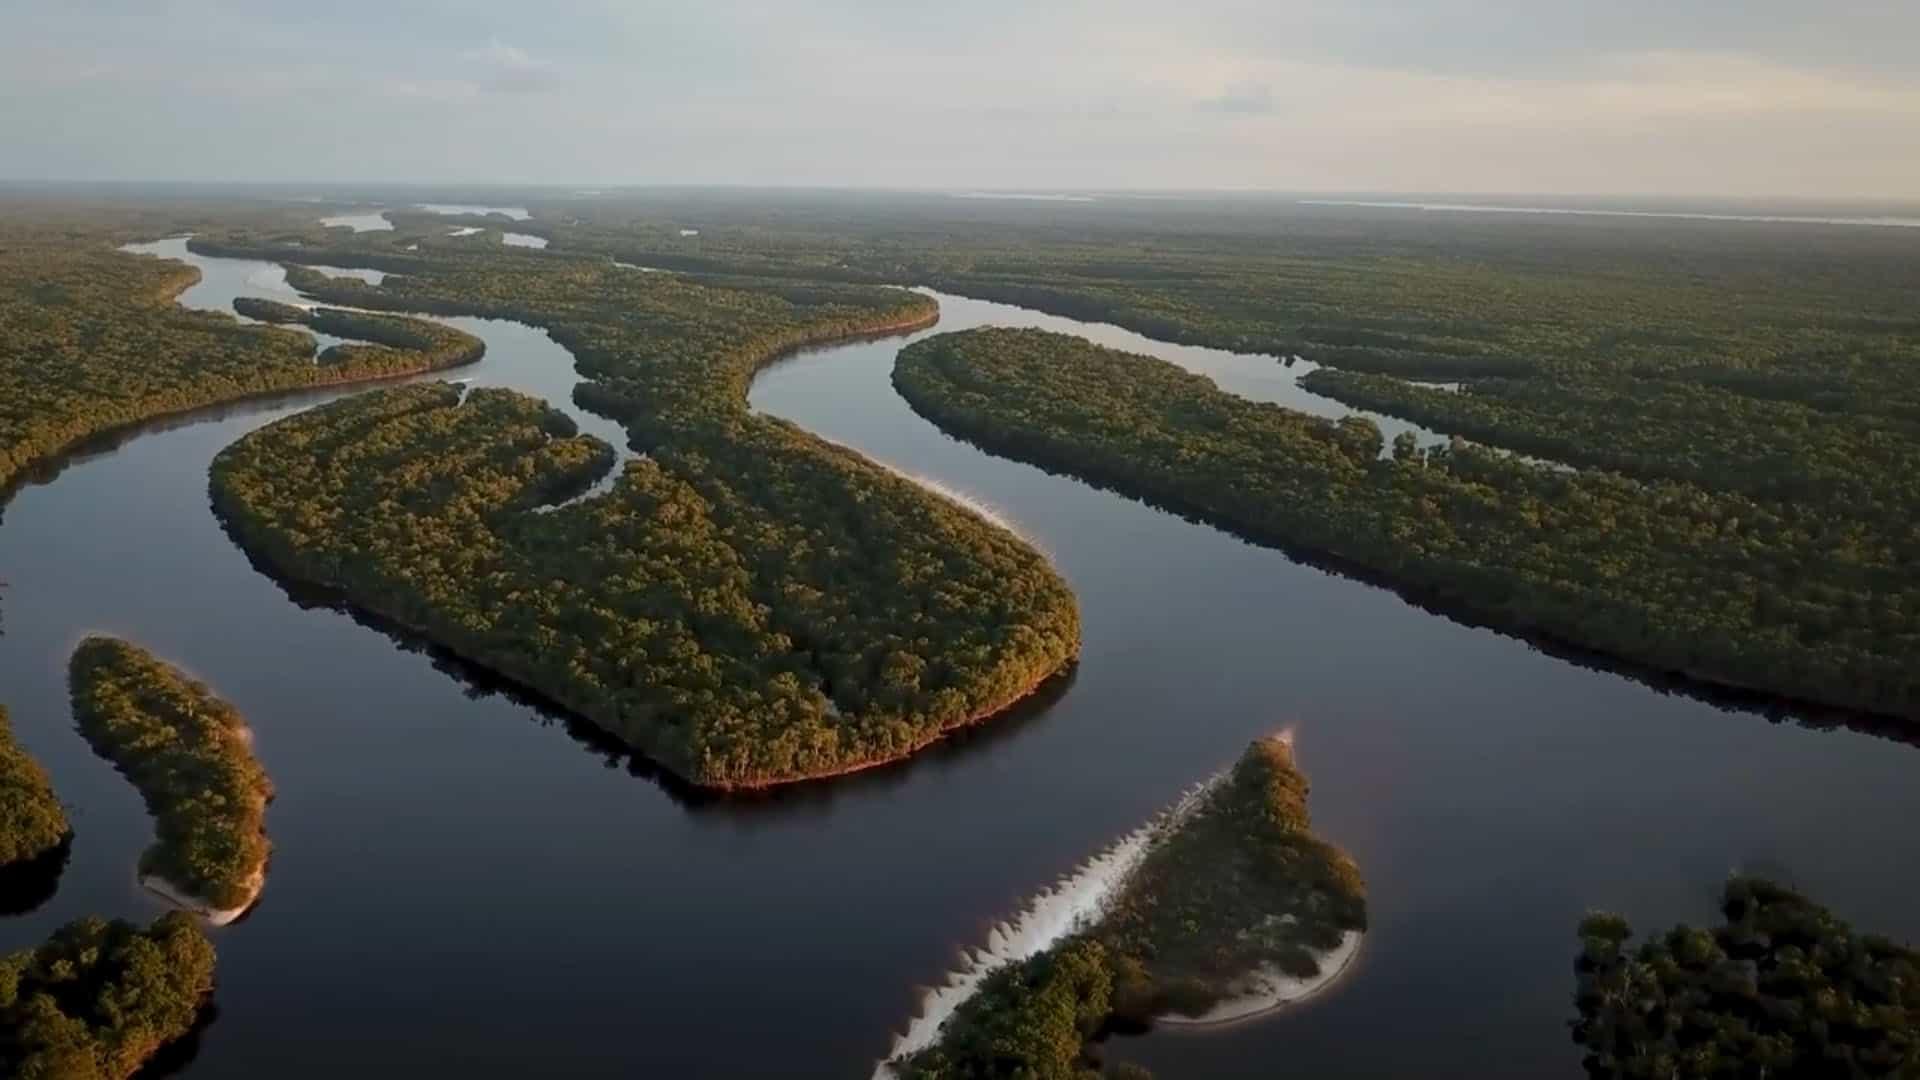 Exklusives Video: Wild Gefangen – Der Zierfischhandel am Amazonas